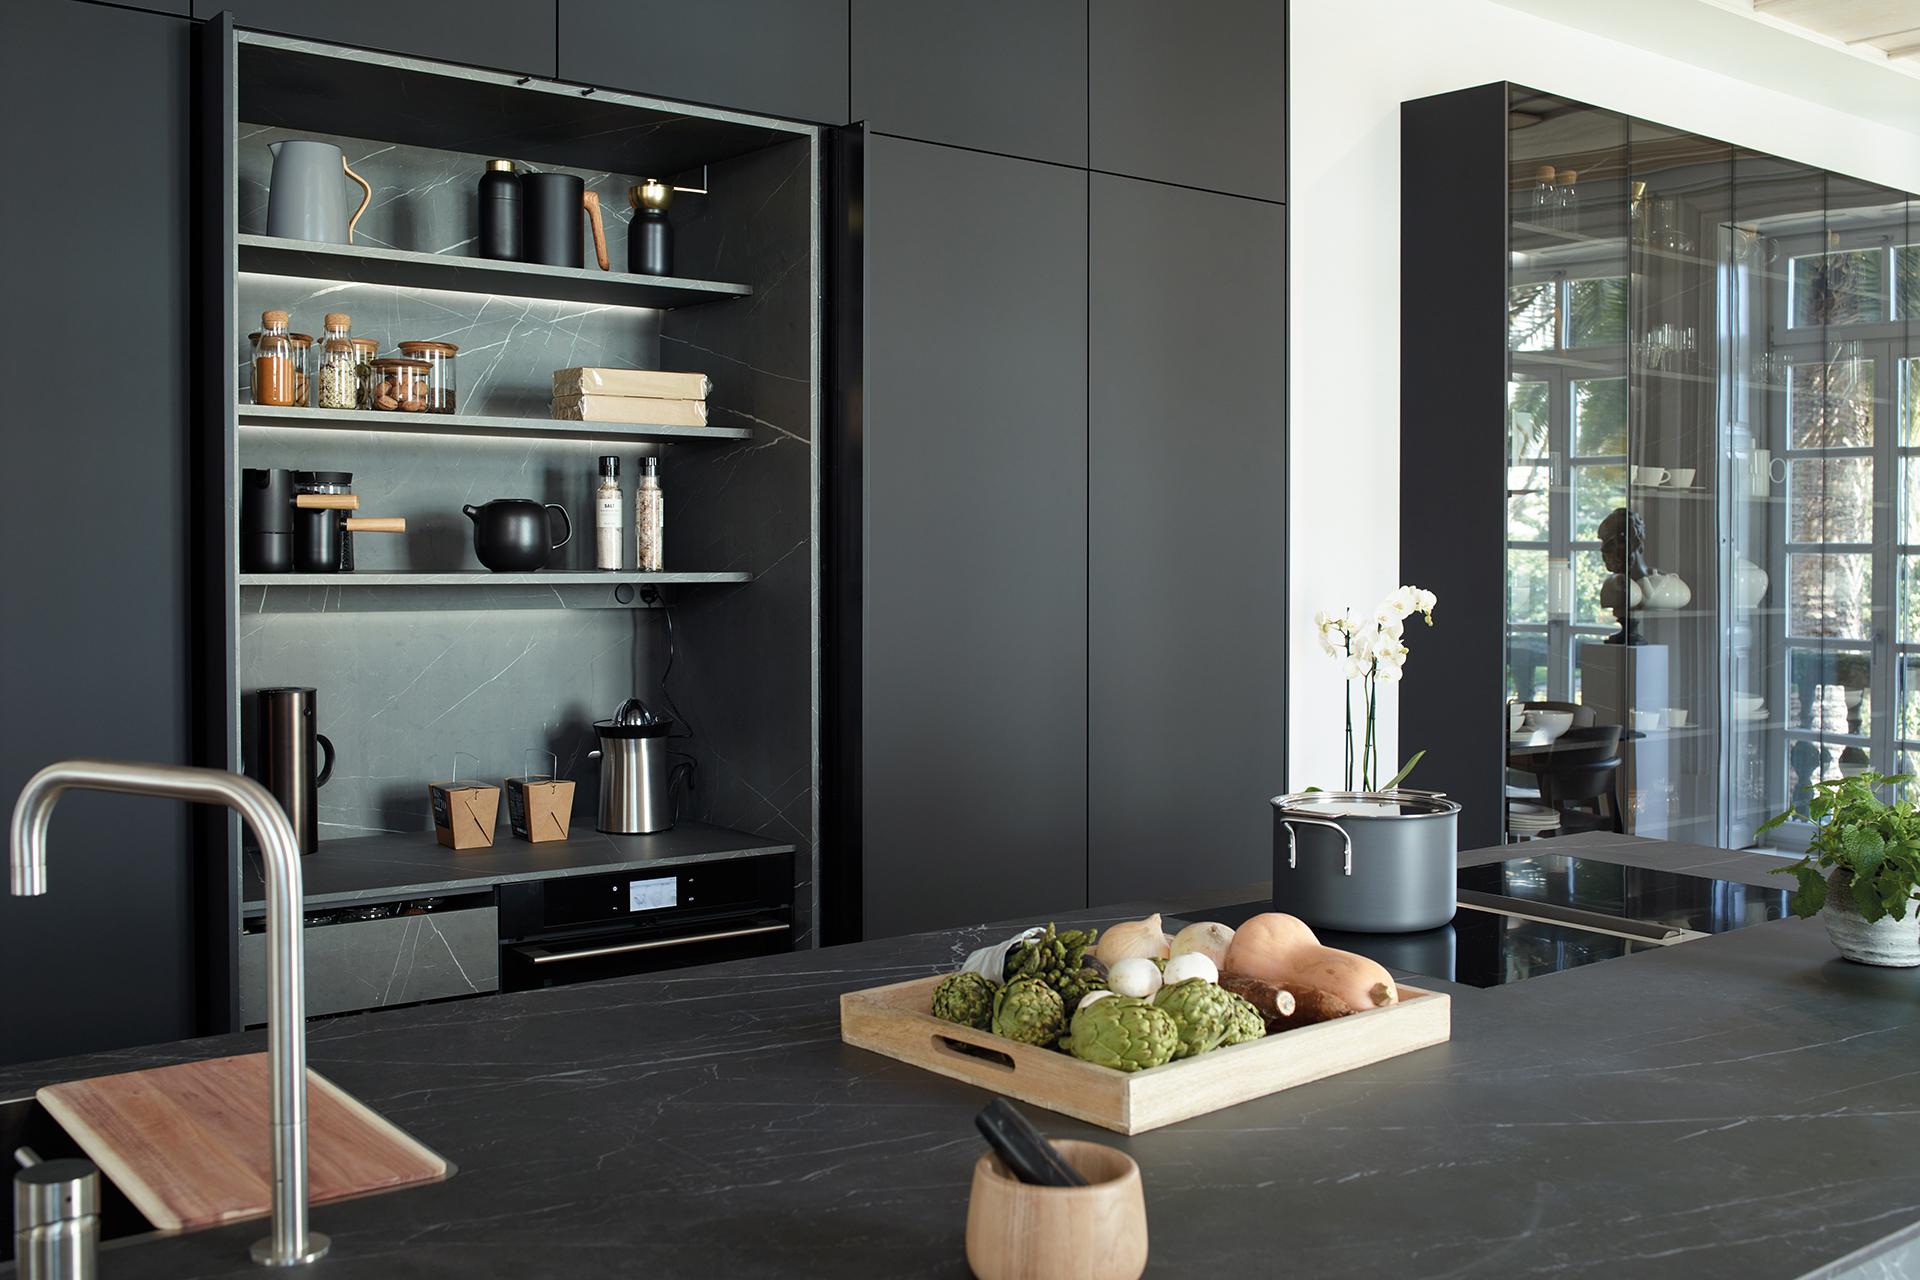 Cuisine noire avec îlot ouverte sur le salon et la salle à manger, équipée des nouveaux meubles conçus par Santos